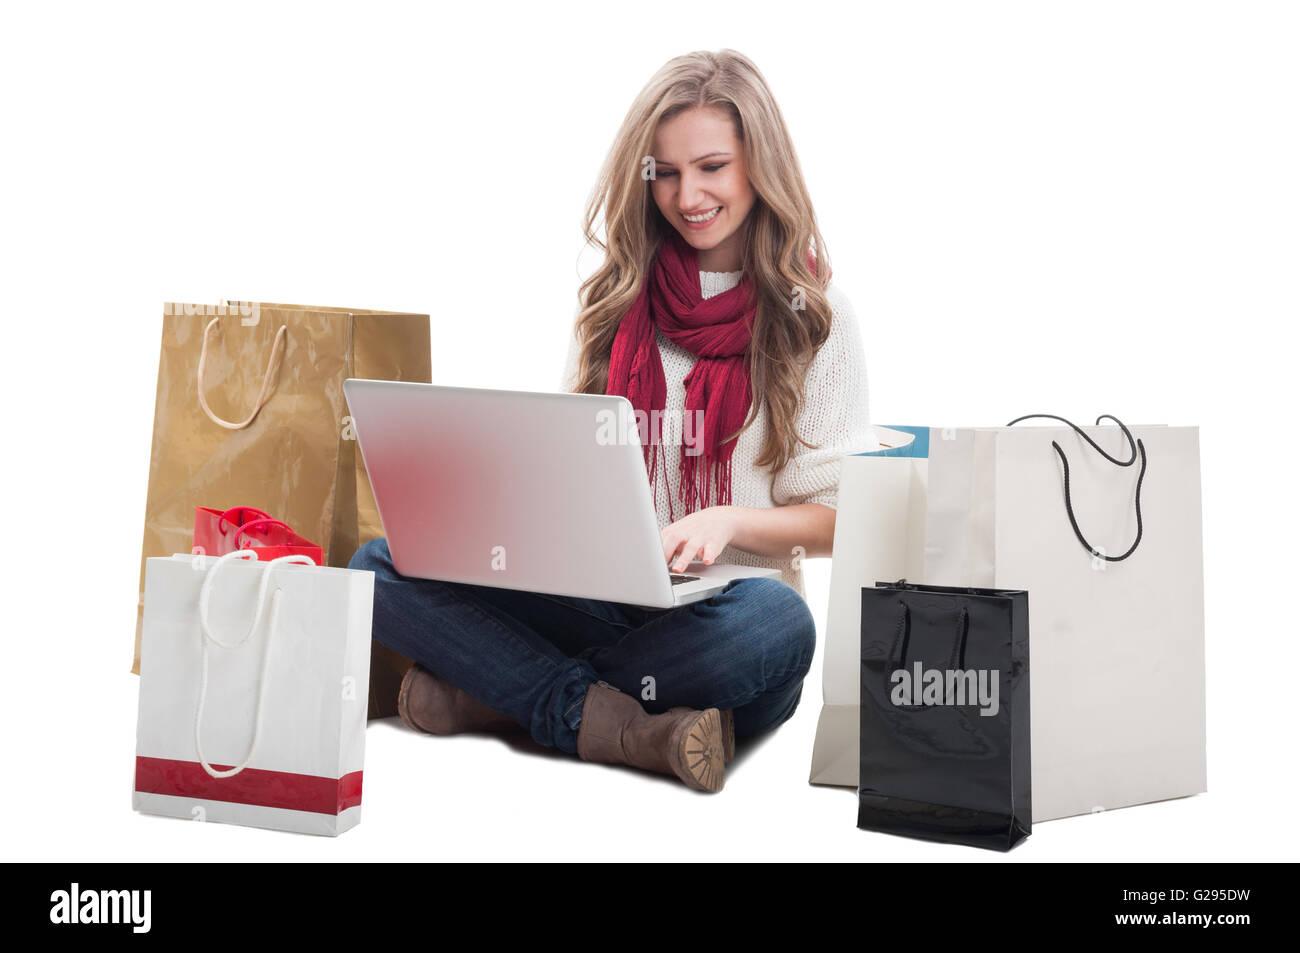 28701f632c83d L'achat en ligne en utilisant l'ordinateur portable femme et assis sur le sol  avec des sacs de shopping